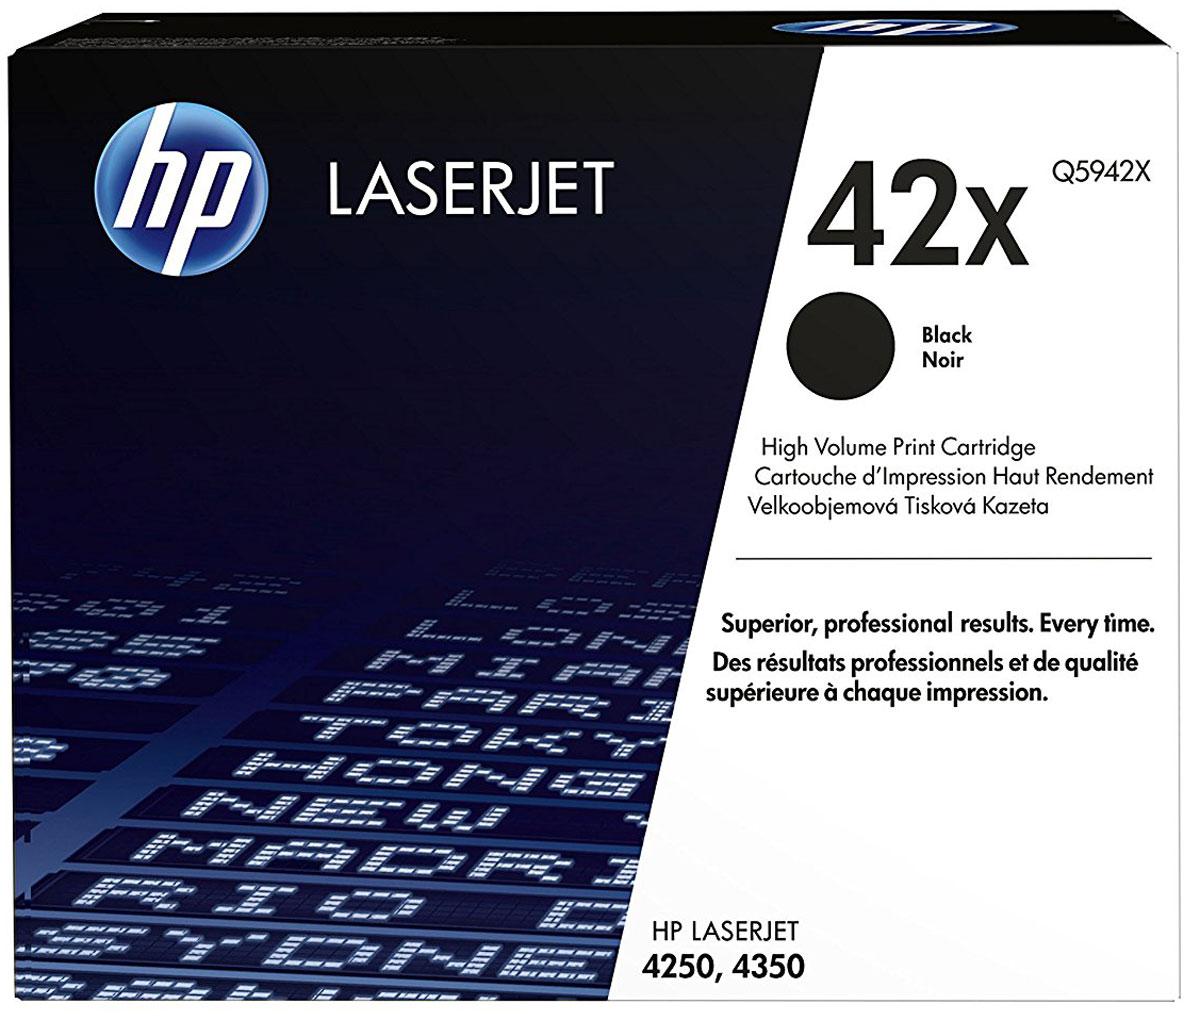 HP Q5942X (42A), Black тонер-картридж для LaserJet 4250/4350 картридж для принтера hp 42x q5942x laserjet print cartridge black